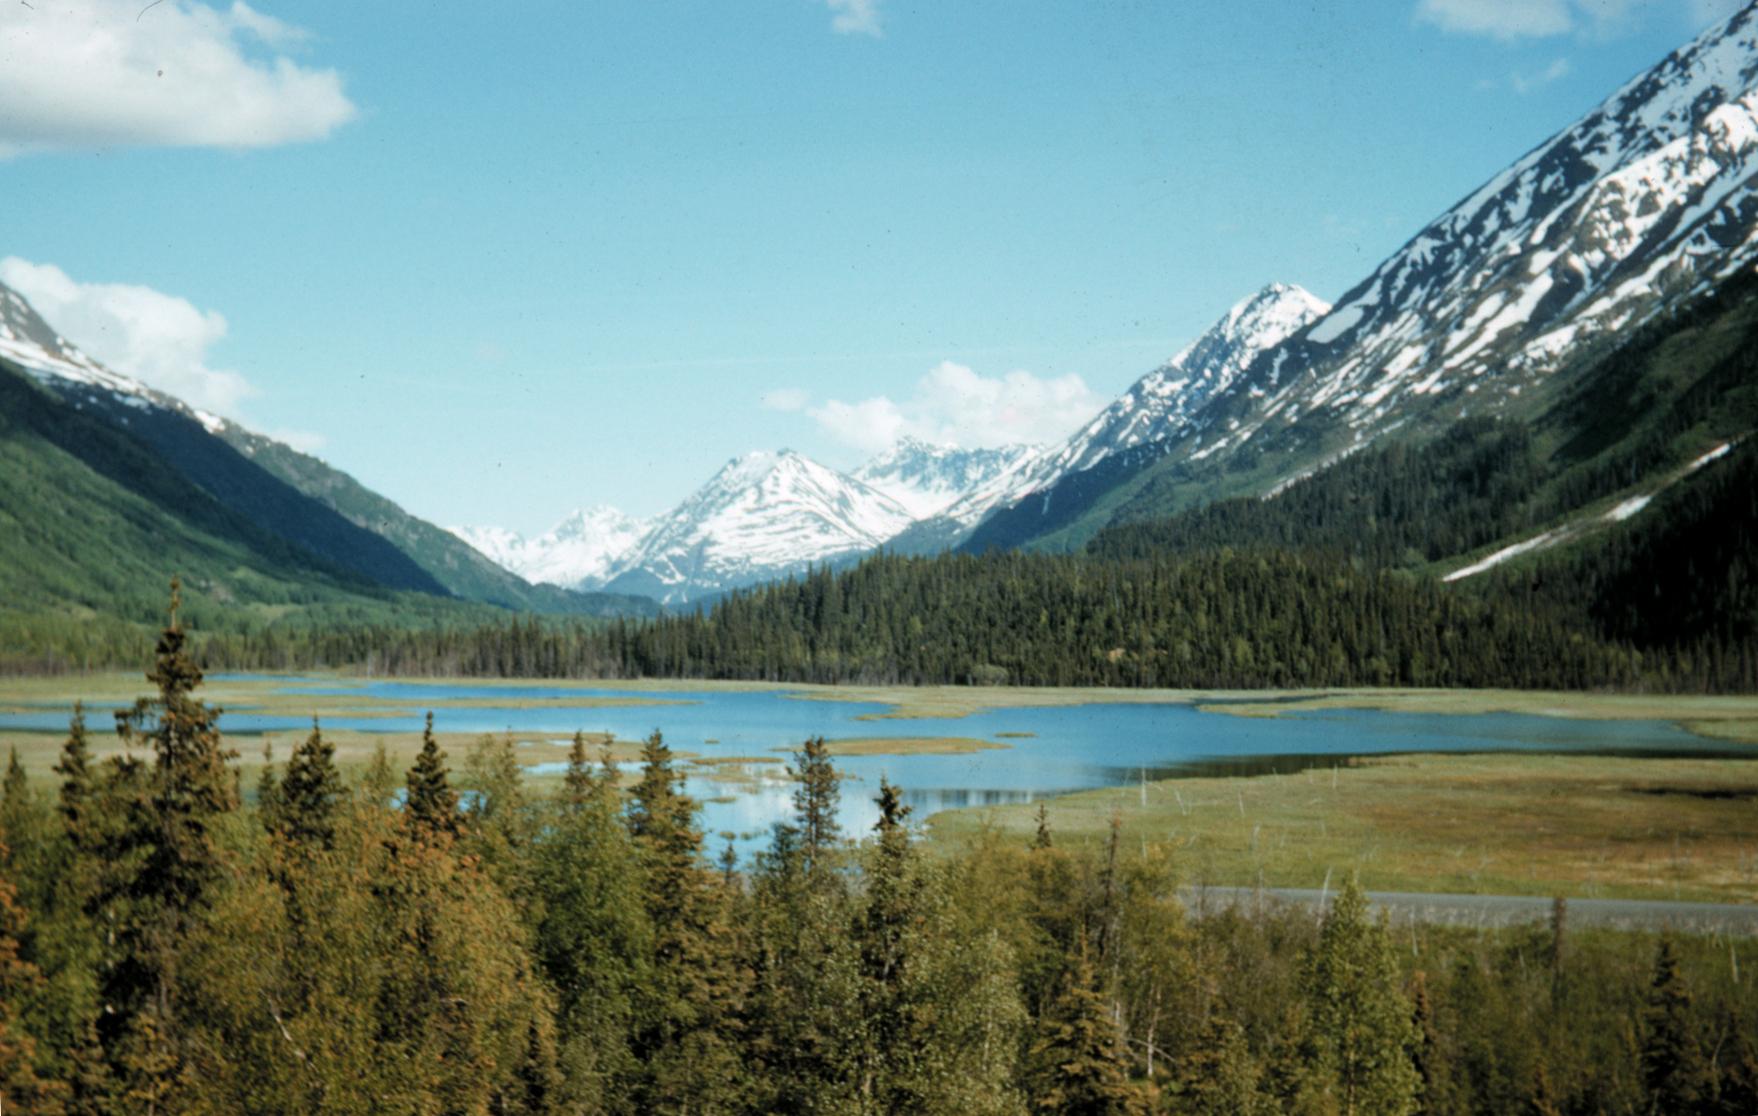 Lakes and mountains on the Kenai Peninsula